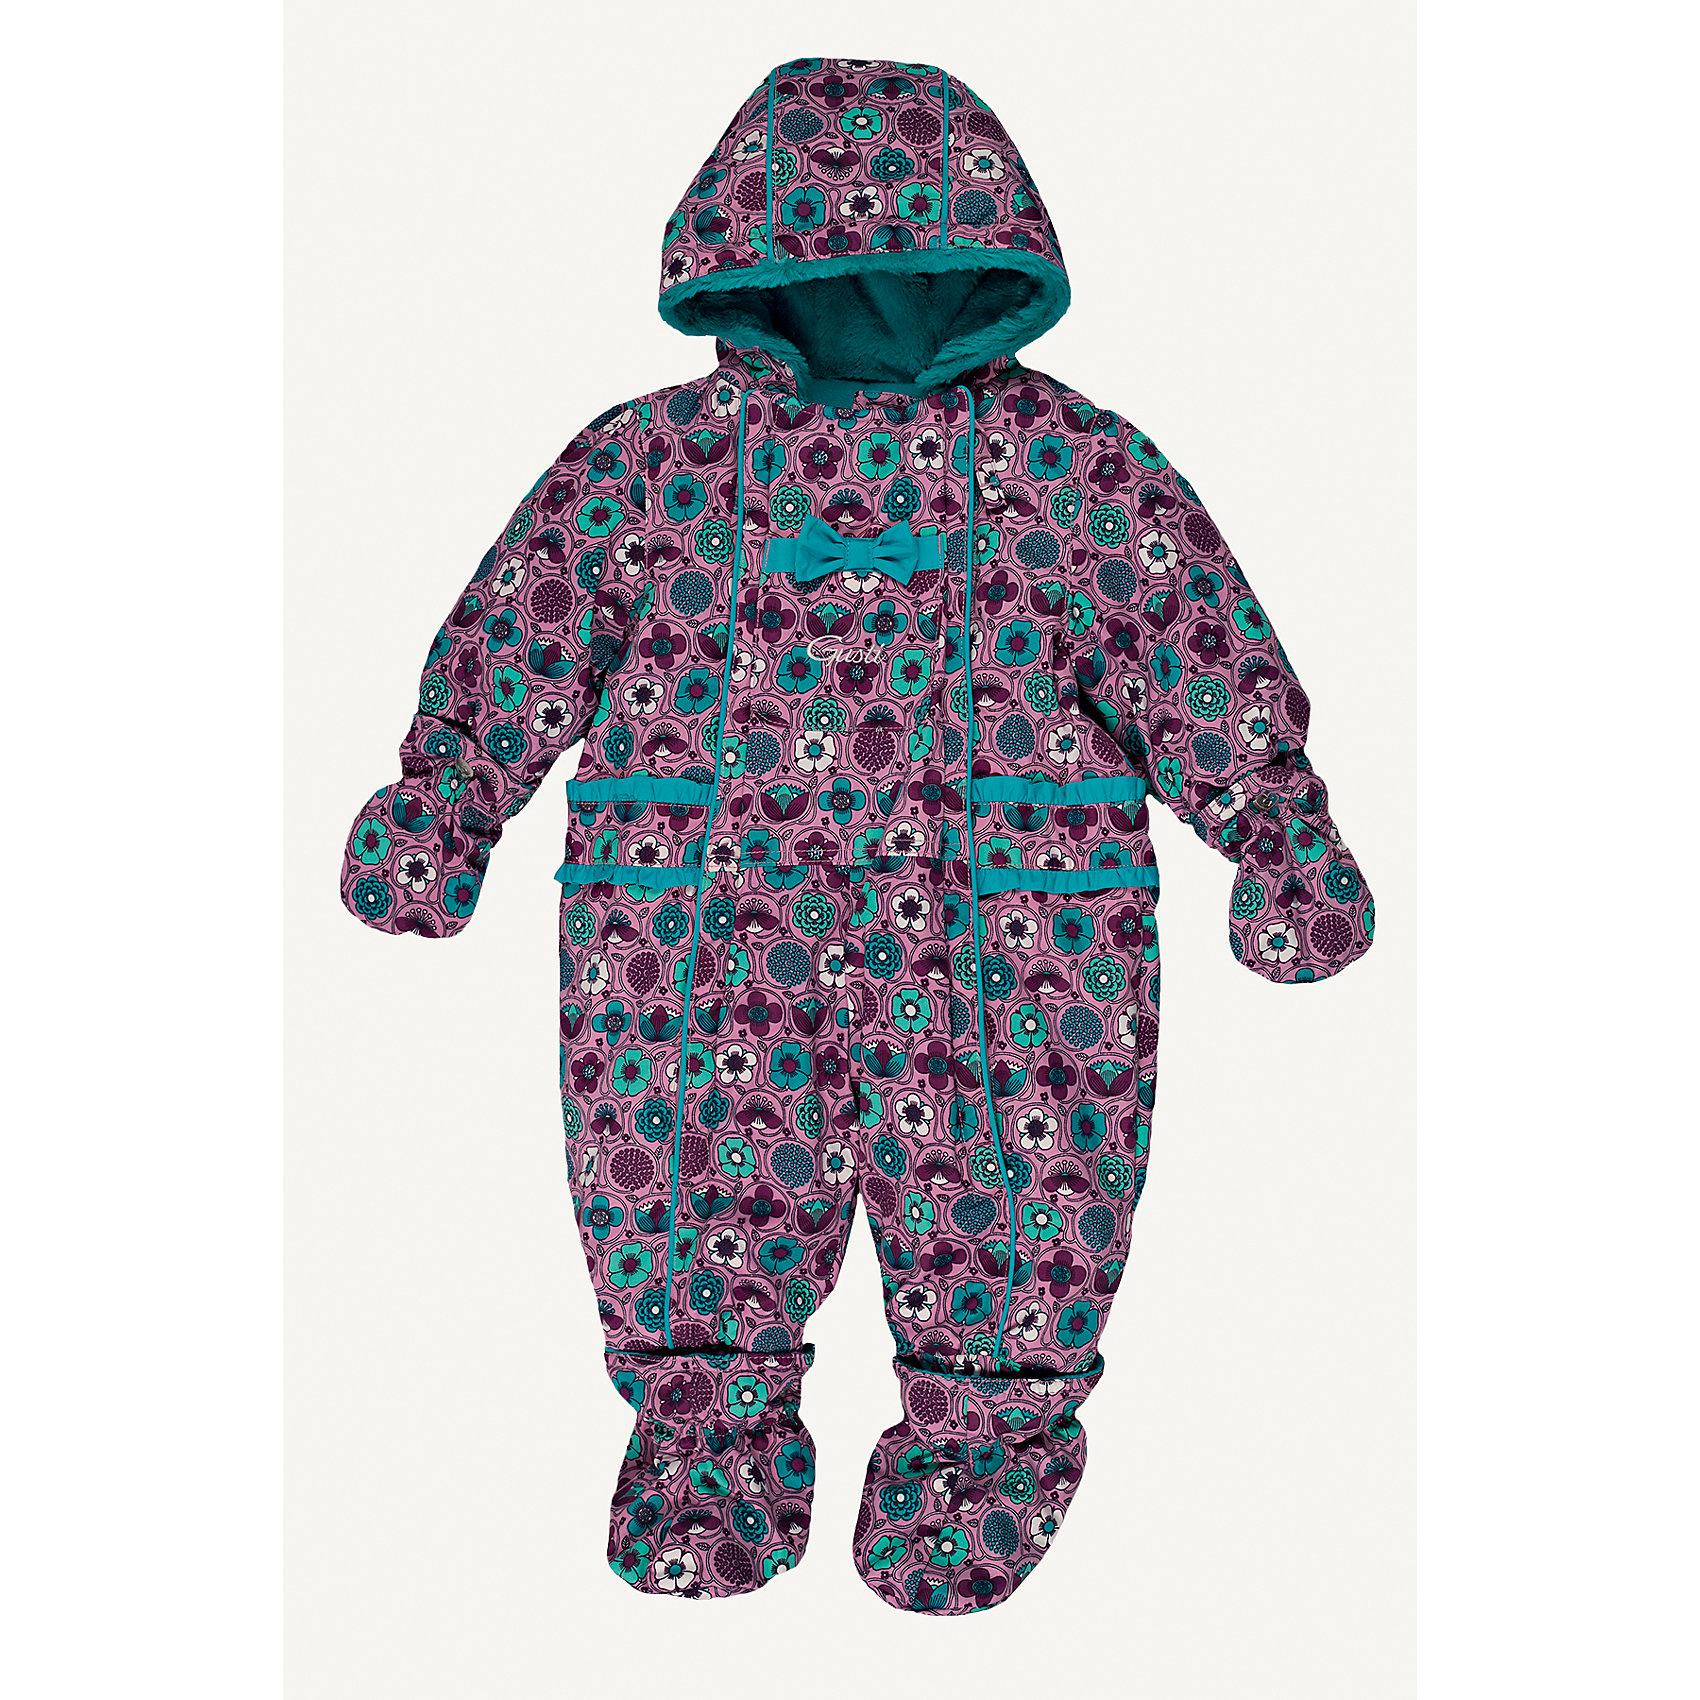 Комбинезон GUSTIВерхняя одежда<br>Комбинезон GUSTI (ГУСТИ) – это комфортный качественный комбинезон, который обеспечит надежную защиту Вашему малышу от холодов в зимний сезон.<br><br>Температурный режим: до -30  градусов. Степень утепления – высокая. <br><br>* Температурный режим указан приблизительно — необходимо, прежде всего, ориентироваться на ощущения ребенка. Температурный режим работает в случае соблюдения правила многослойности – использования флисовой поддевы и термобелья.<br><br>Зимний комбинезон для девочки от GUSTI (ГУСТИ) выполнен из плотного непромокаемого материала с защитной от влаги мембраной 5000 мм. Тань хорошо сохраняет тепло, отталкивает влагу и позволяет коже ребенка дышать. Утеплитель из тек-полифилла и флисовая внутренняя отделка дают возможность использовать комбинезон при очень низких температурах. Наличие двух молний облегчает одевание и раздевание ребенка. Несъемный капюшон изнутри отделан искусственным мехом. В комплекте отстегивающиеся варежки и пинетки. Особую нарядность комбинезону придают использованные в дизайне бантики и рюши. Цельный зимний комбинезон от GUSTI (ГУСТИ) не ограничивает движений и идеально защищает от ветра, холода и низких температур. Модель подходит для прогулок на морозе до -30 градусов.<br><br>Дополнительная информация:<br><br>- Сезон: зима<br>- Температурный режим до -30 градусов<br>- Основной цвет: фиолетовый<br>- Материал верха: shuss 5000мм (100% полиэстер)<br>- Наполнитель: тек-полифилл плотностью 283 гр/м (10 унций) 100% полиэстер<br>- Подкладка: флис (100% полиэстер)<br>- 2 молнии и фурнитура YKK<br>- Светоотражающие элементы 3М Scotchlite<br>- Пинетки и рукавички отстегиваются<br>- Уход: машинная стирка, легкие загрязнения можно смыть губкой без стирки<br><br>Комбинезон GUSTI (ГУСТИ) можно купить в нашем интернет-магазине.<br><br>Ширина мм: 356<br>Глубина мм: 10<br>Высота мм: 245<br>Вес г: 519<br>Цвет: фиолетовый<br>Возраст от месяцев: 12<br>Возраст до месяцев: 24<br>Пол: Женский<br>Возраст: Детский<br>Ра